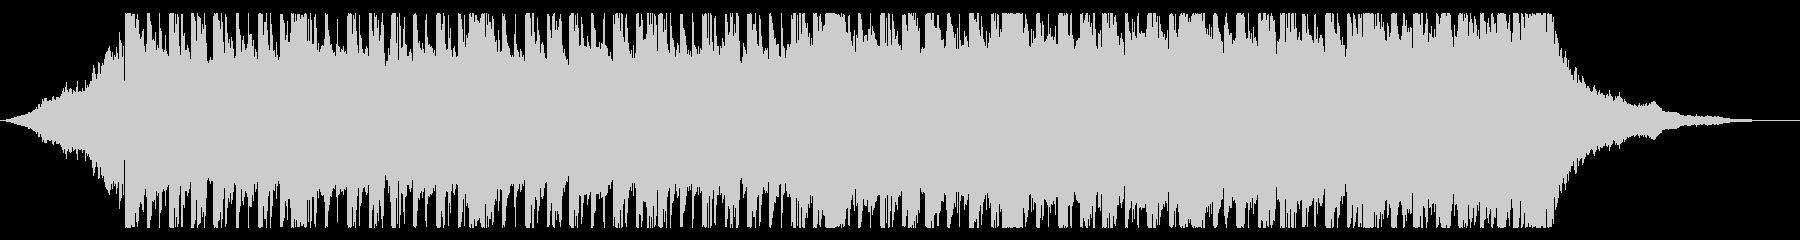 少しスローテンポでロックなBGMの未再生の波形